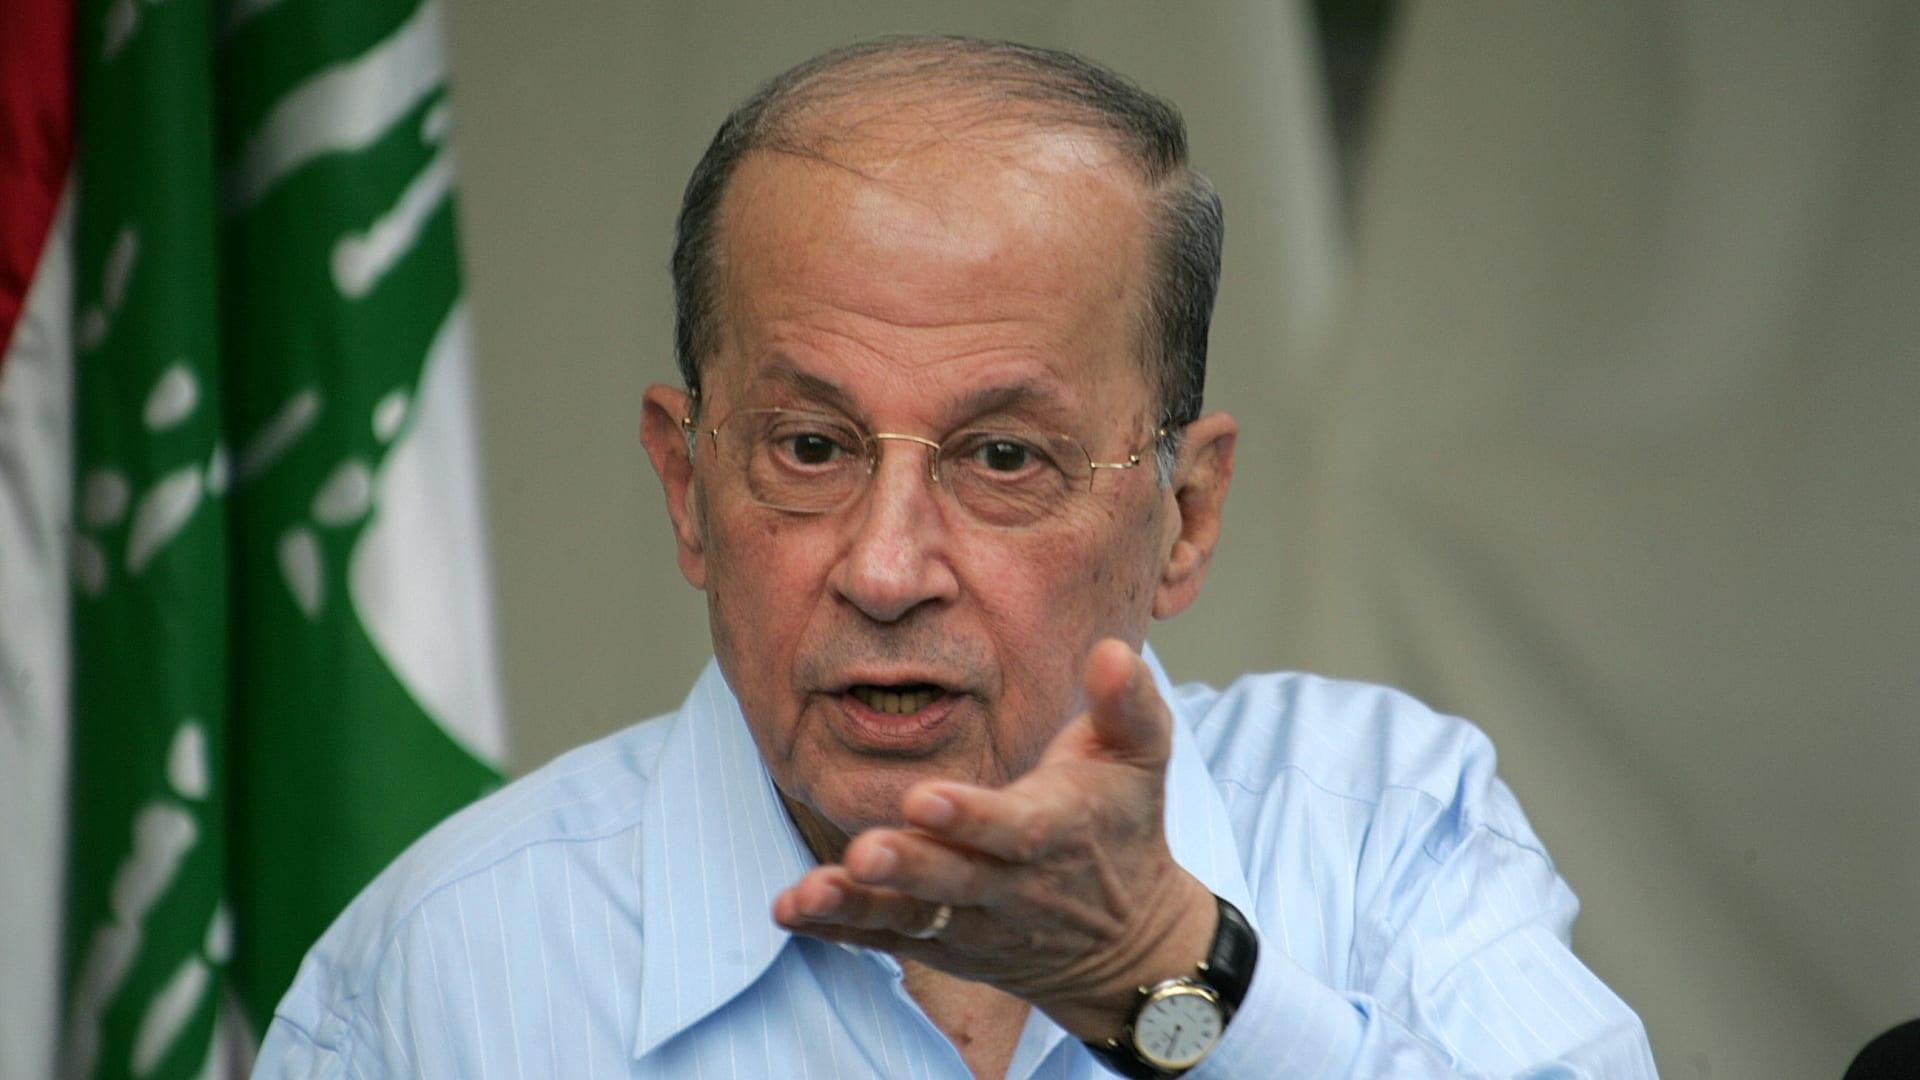 صورة أرشيفية للرئيس اللبناني، ميشال عون العام 2005